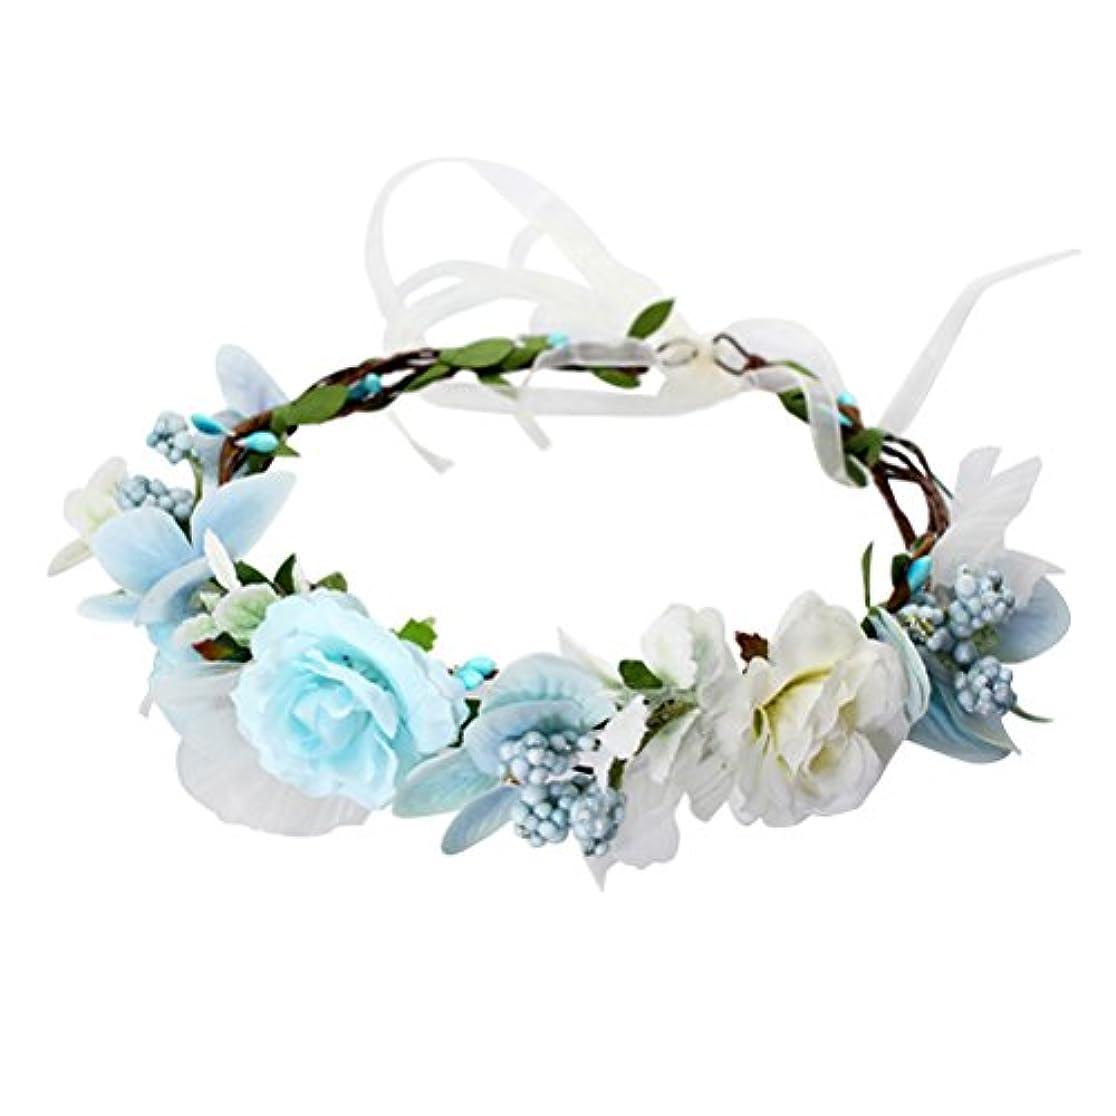 ワゴン痴漢収容するWINOMO 花かんむり 花冠 花飾り ヘアアクセサリー ブライダル ウェディング 結婚式 花嫁 写真 発表会